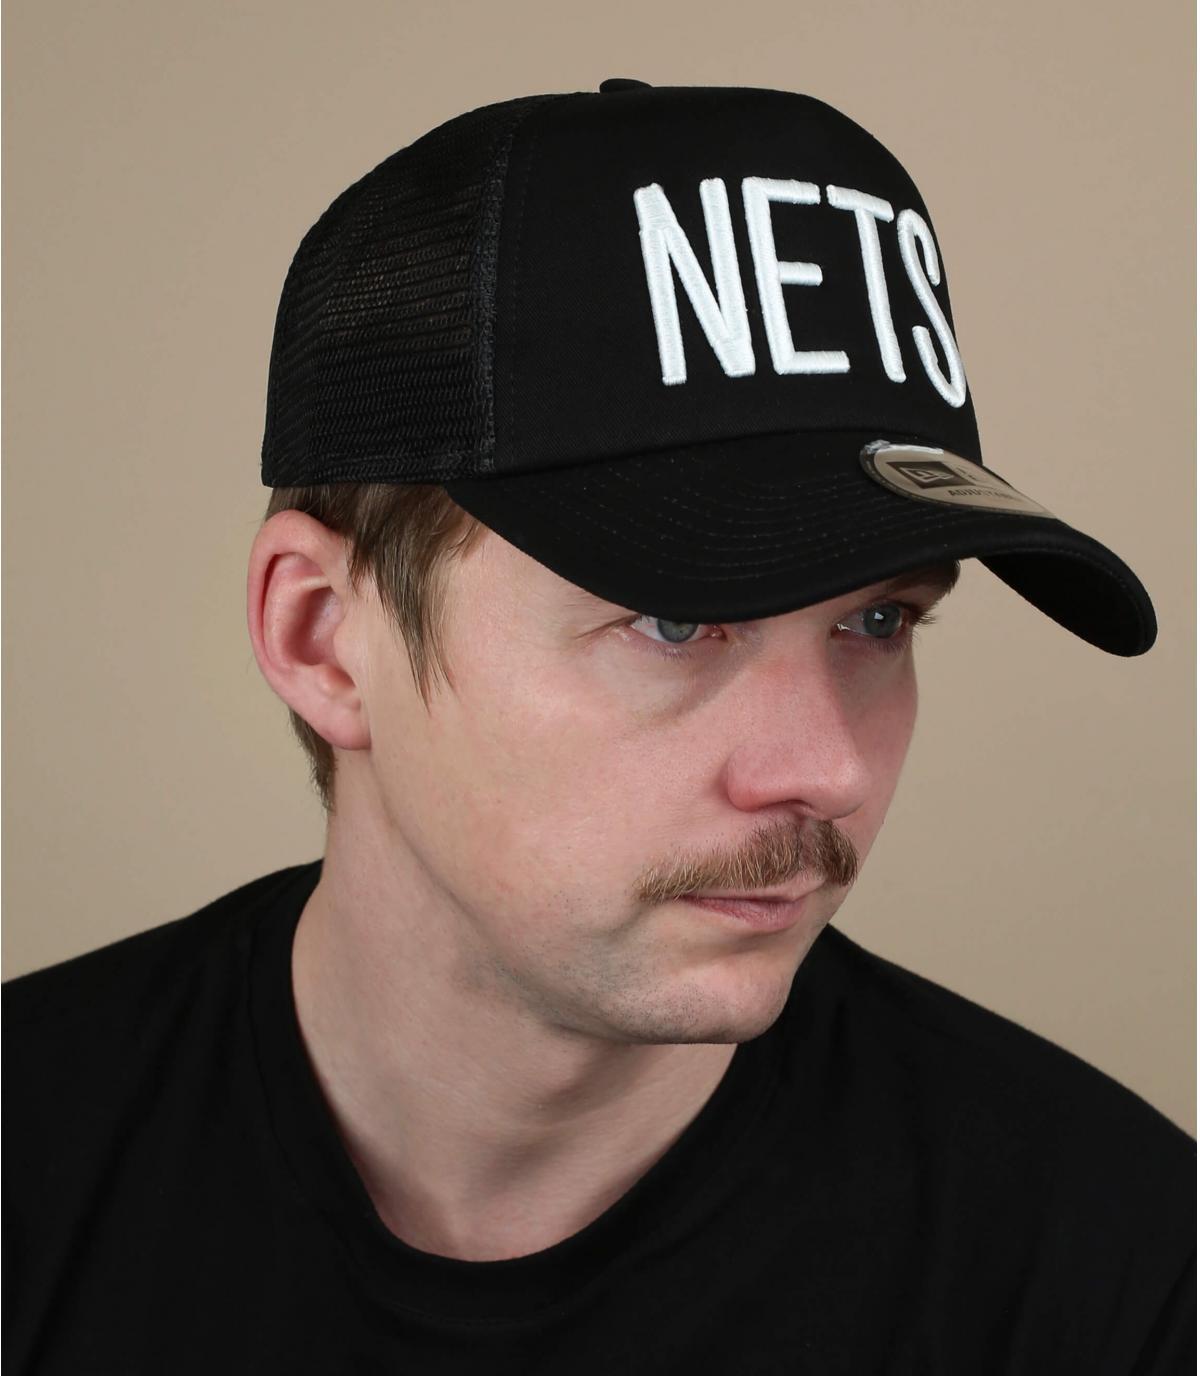 zwarte Nets trucker